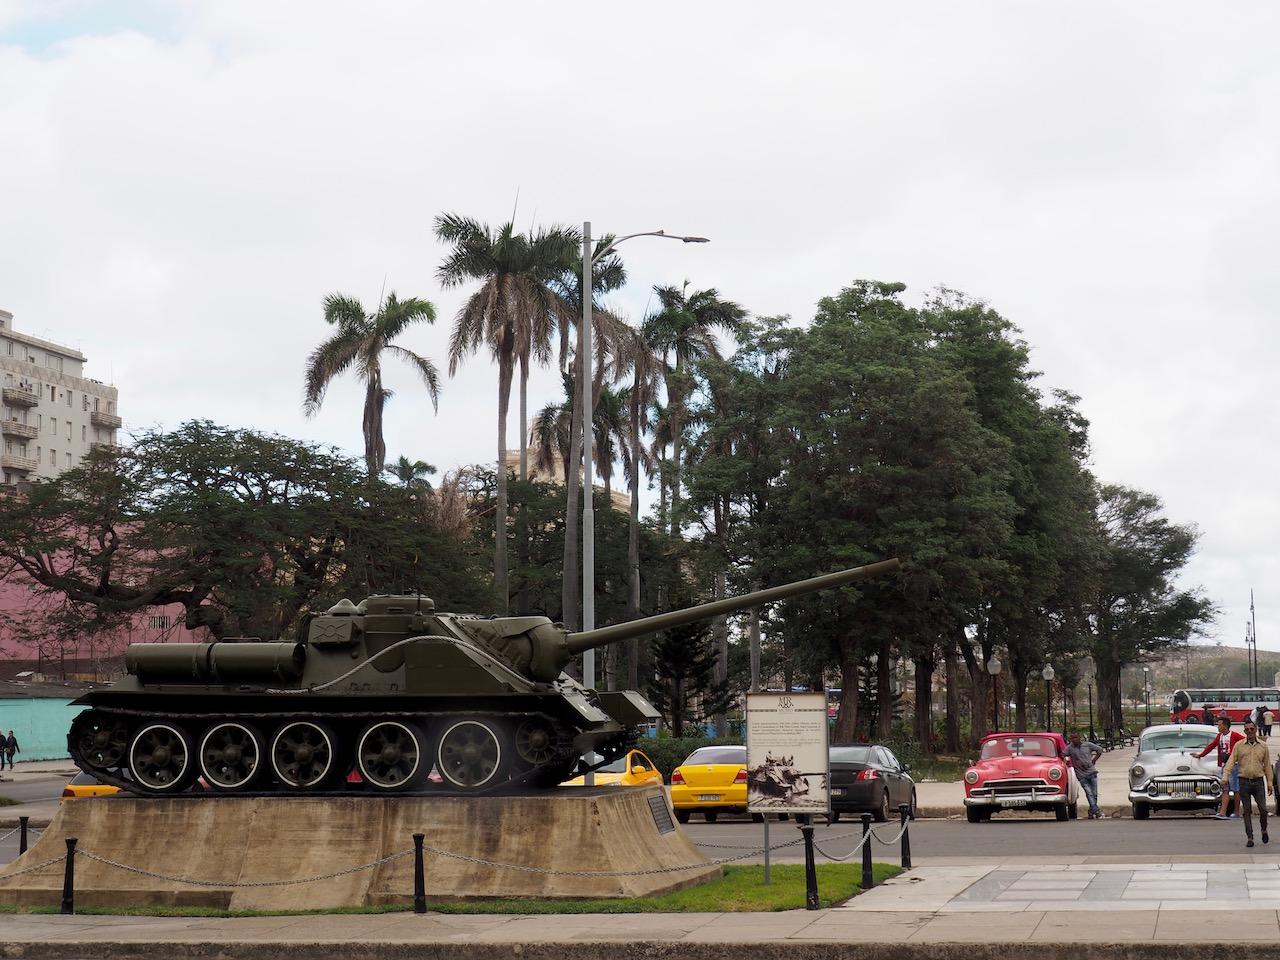 3 jours à la Havane - Char devant le musée de la Révolution